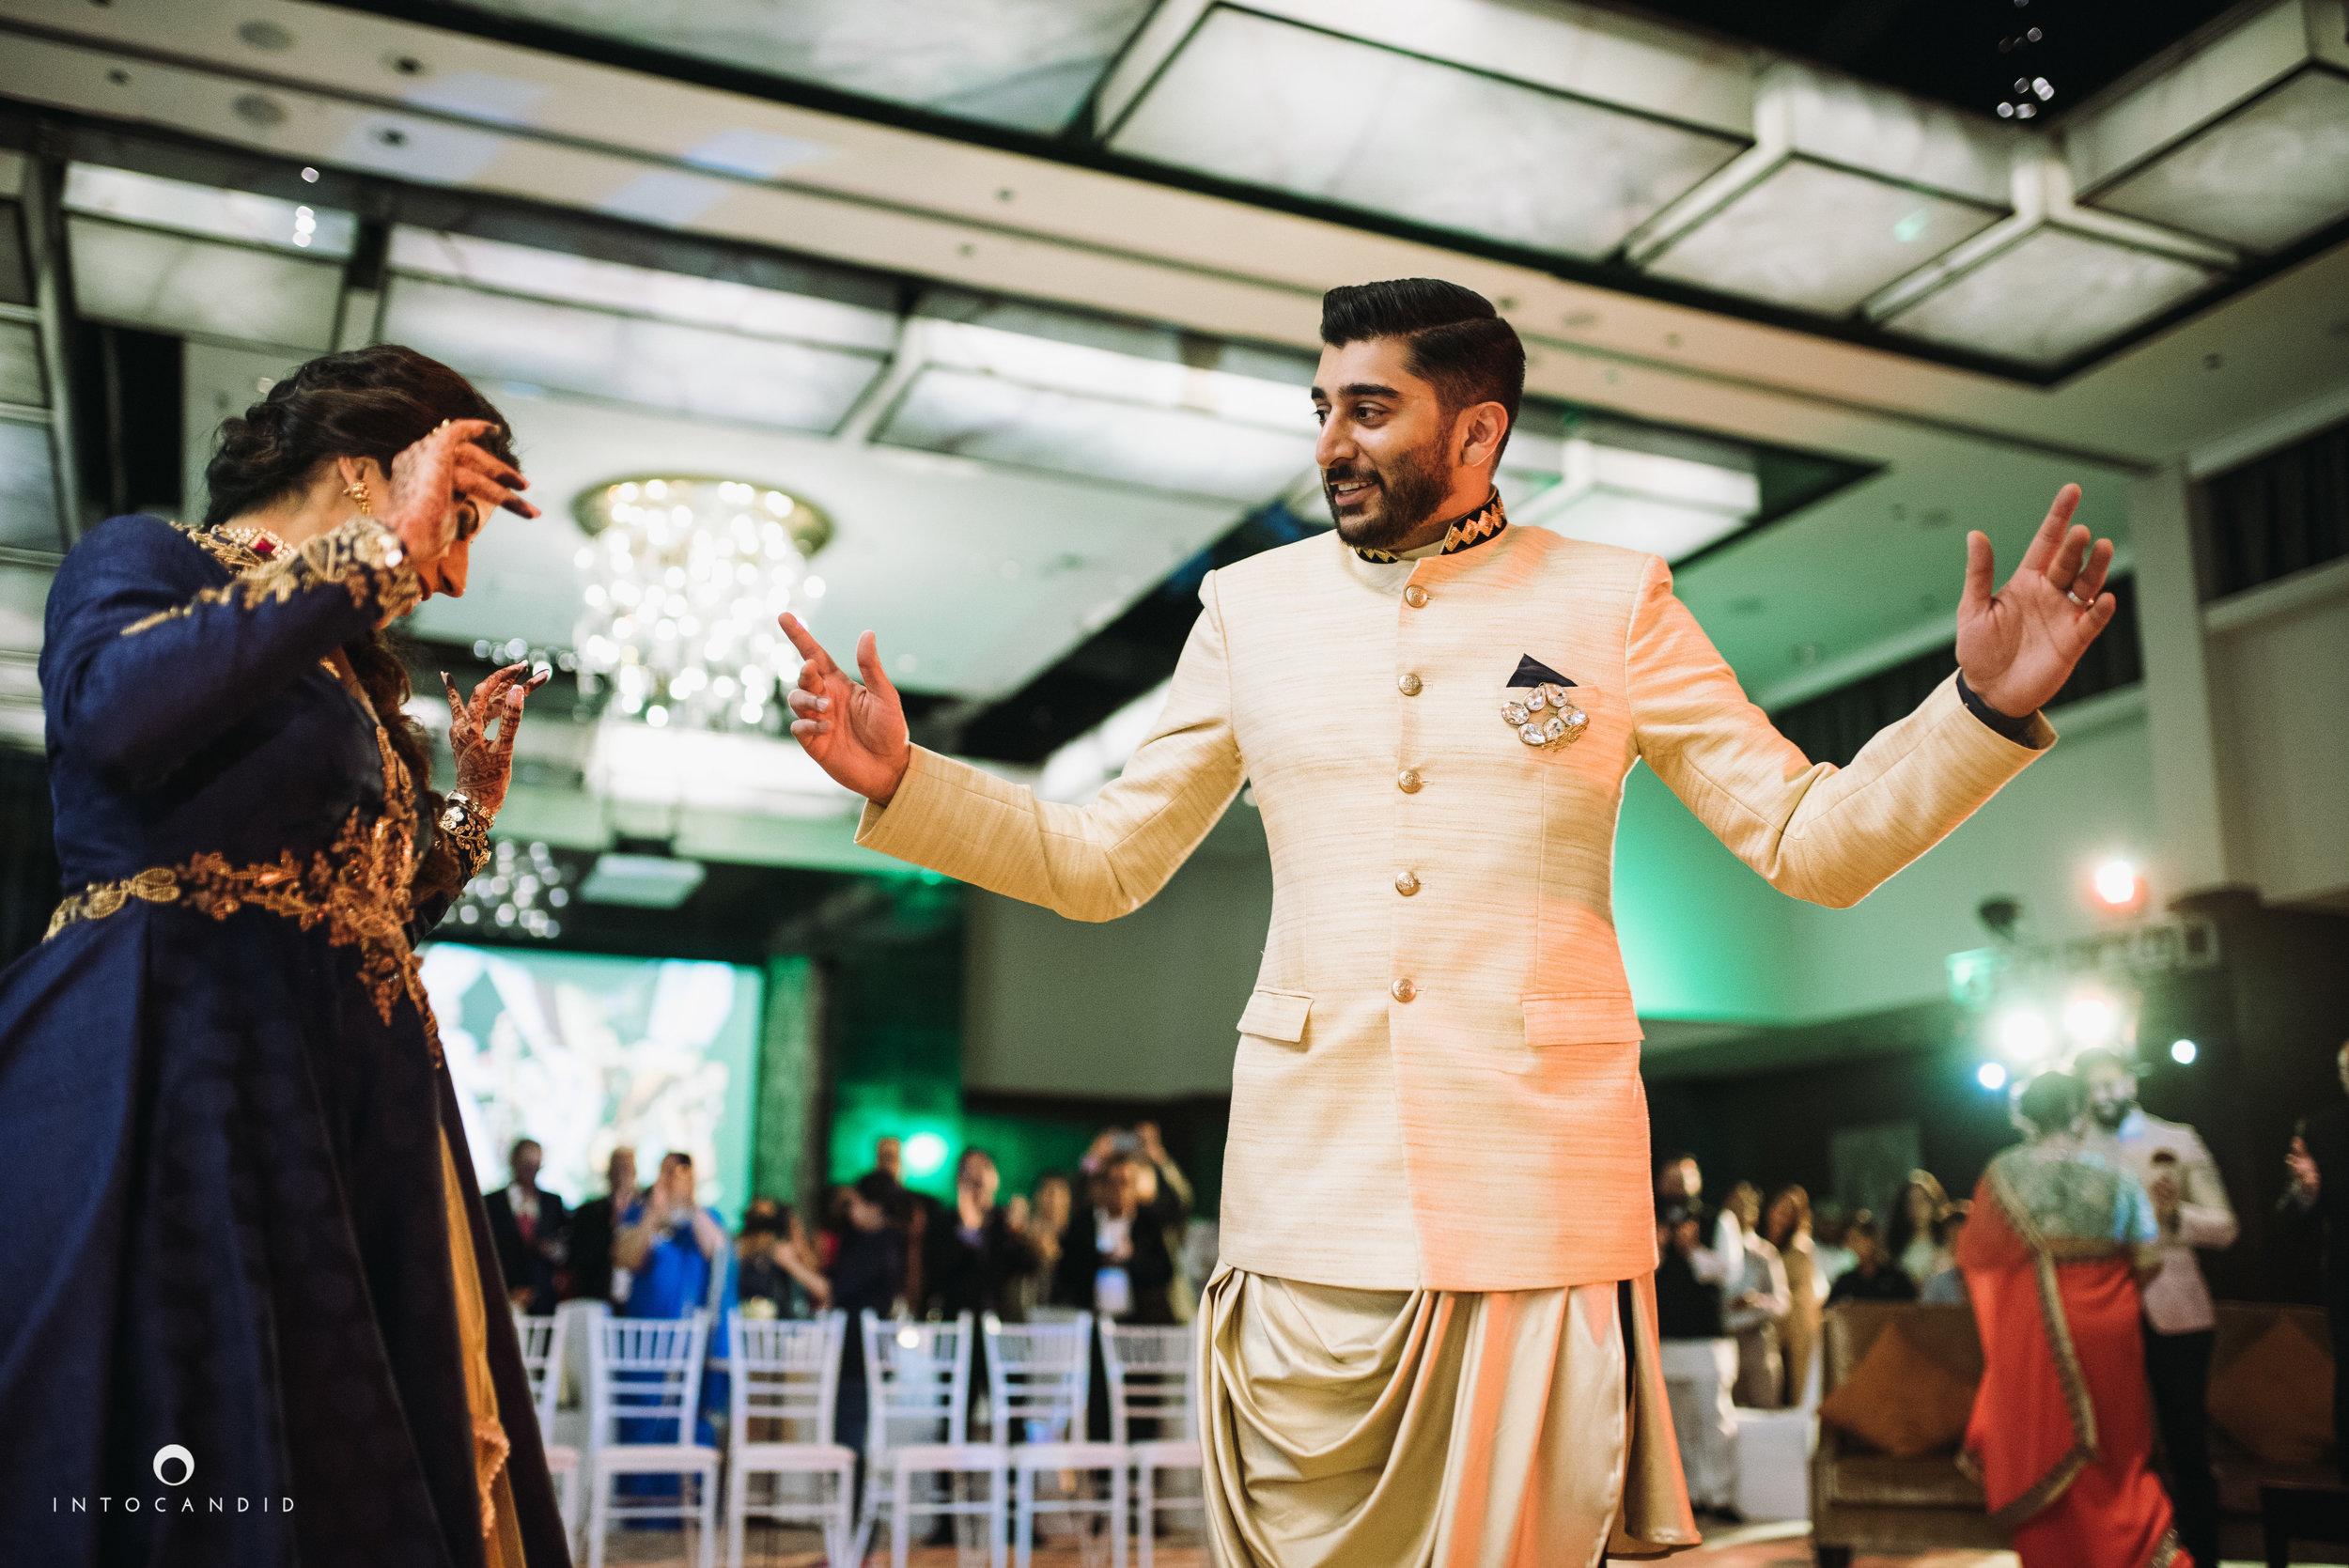 Dubai_Wedding_Photographer_64.JPG